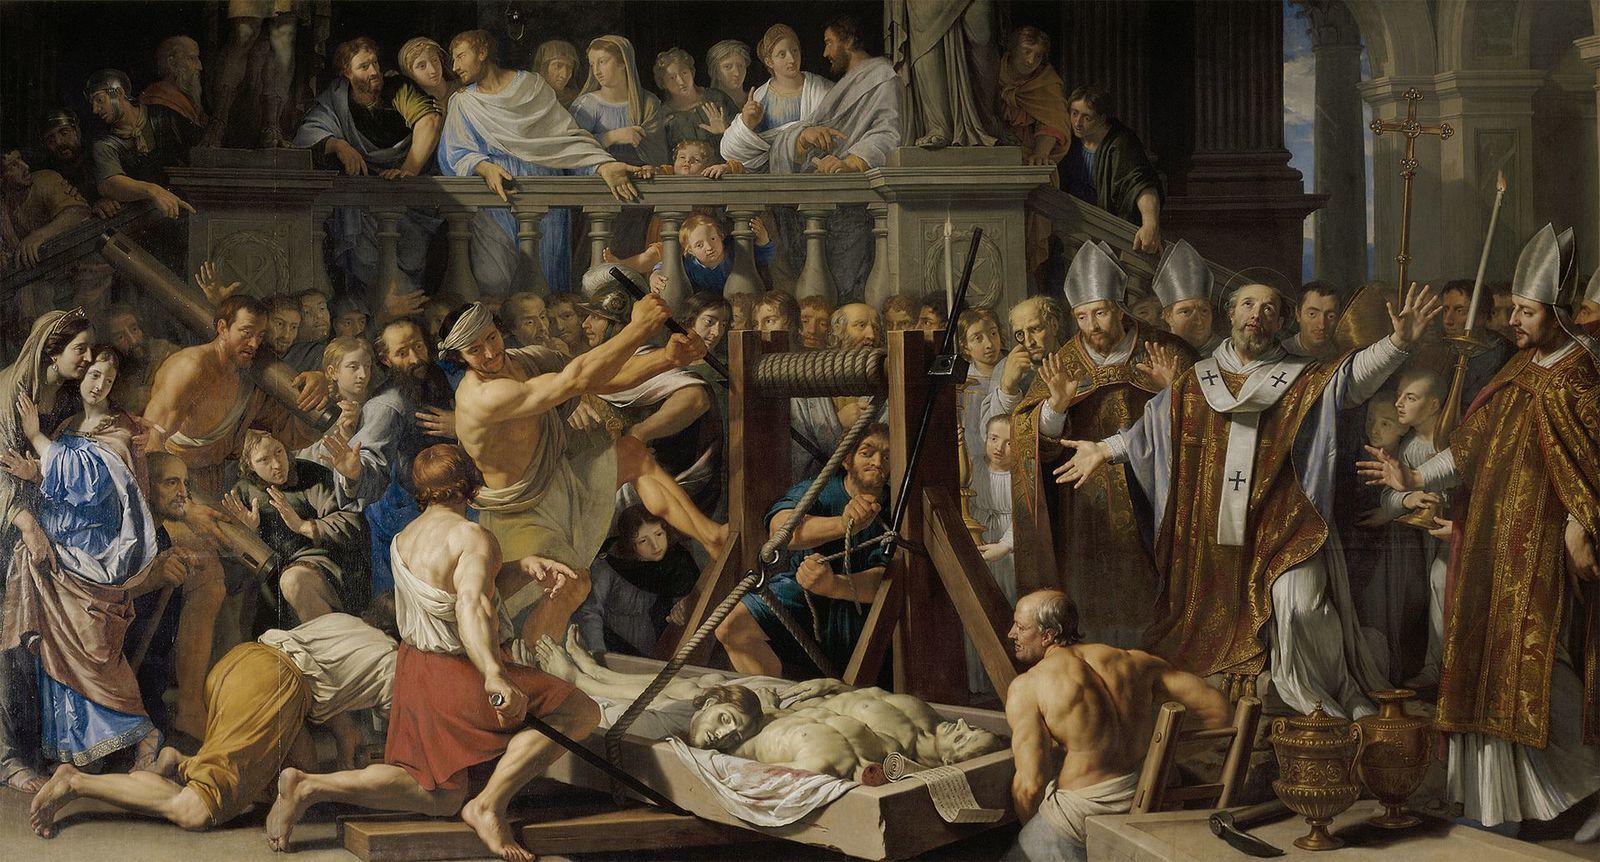 Découverte des corps de Saint Gervais et Saint Protais. Tableau de Philippe de Champaigne